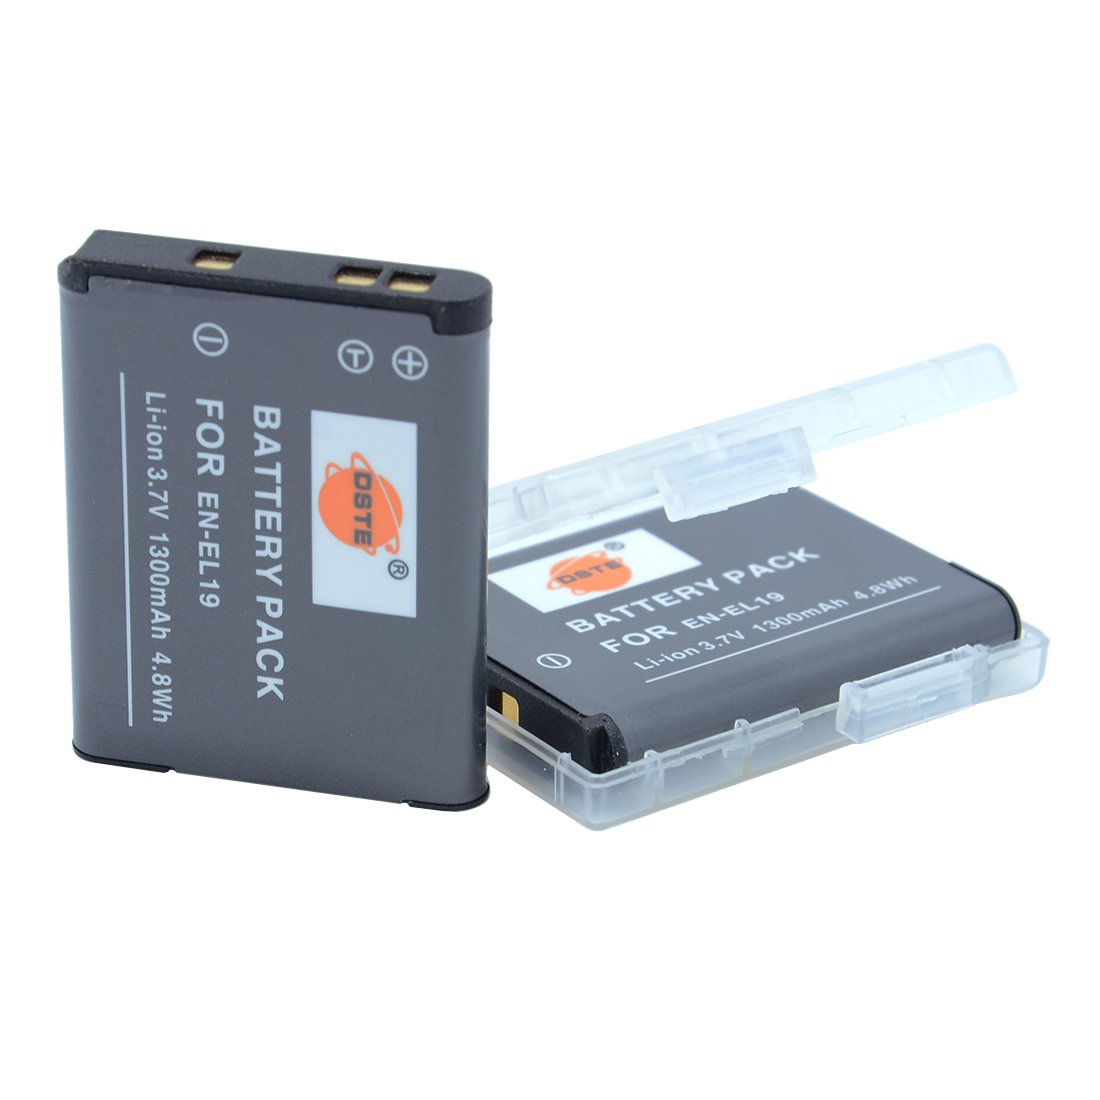 Batería batería para Nikon en-el19 Coolpix s2600; Coolpix s100; Coolpix s2500